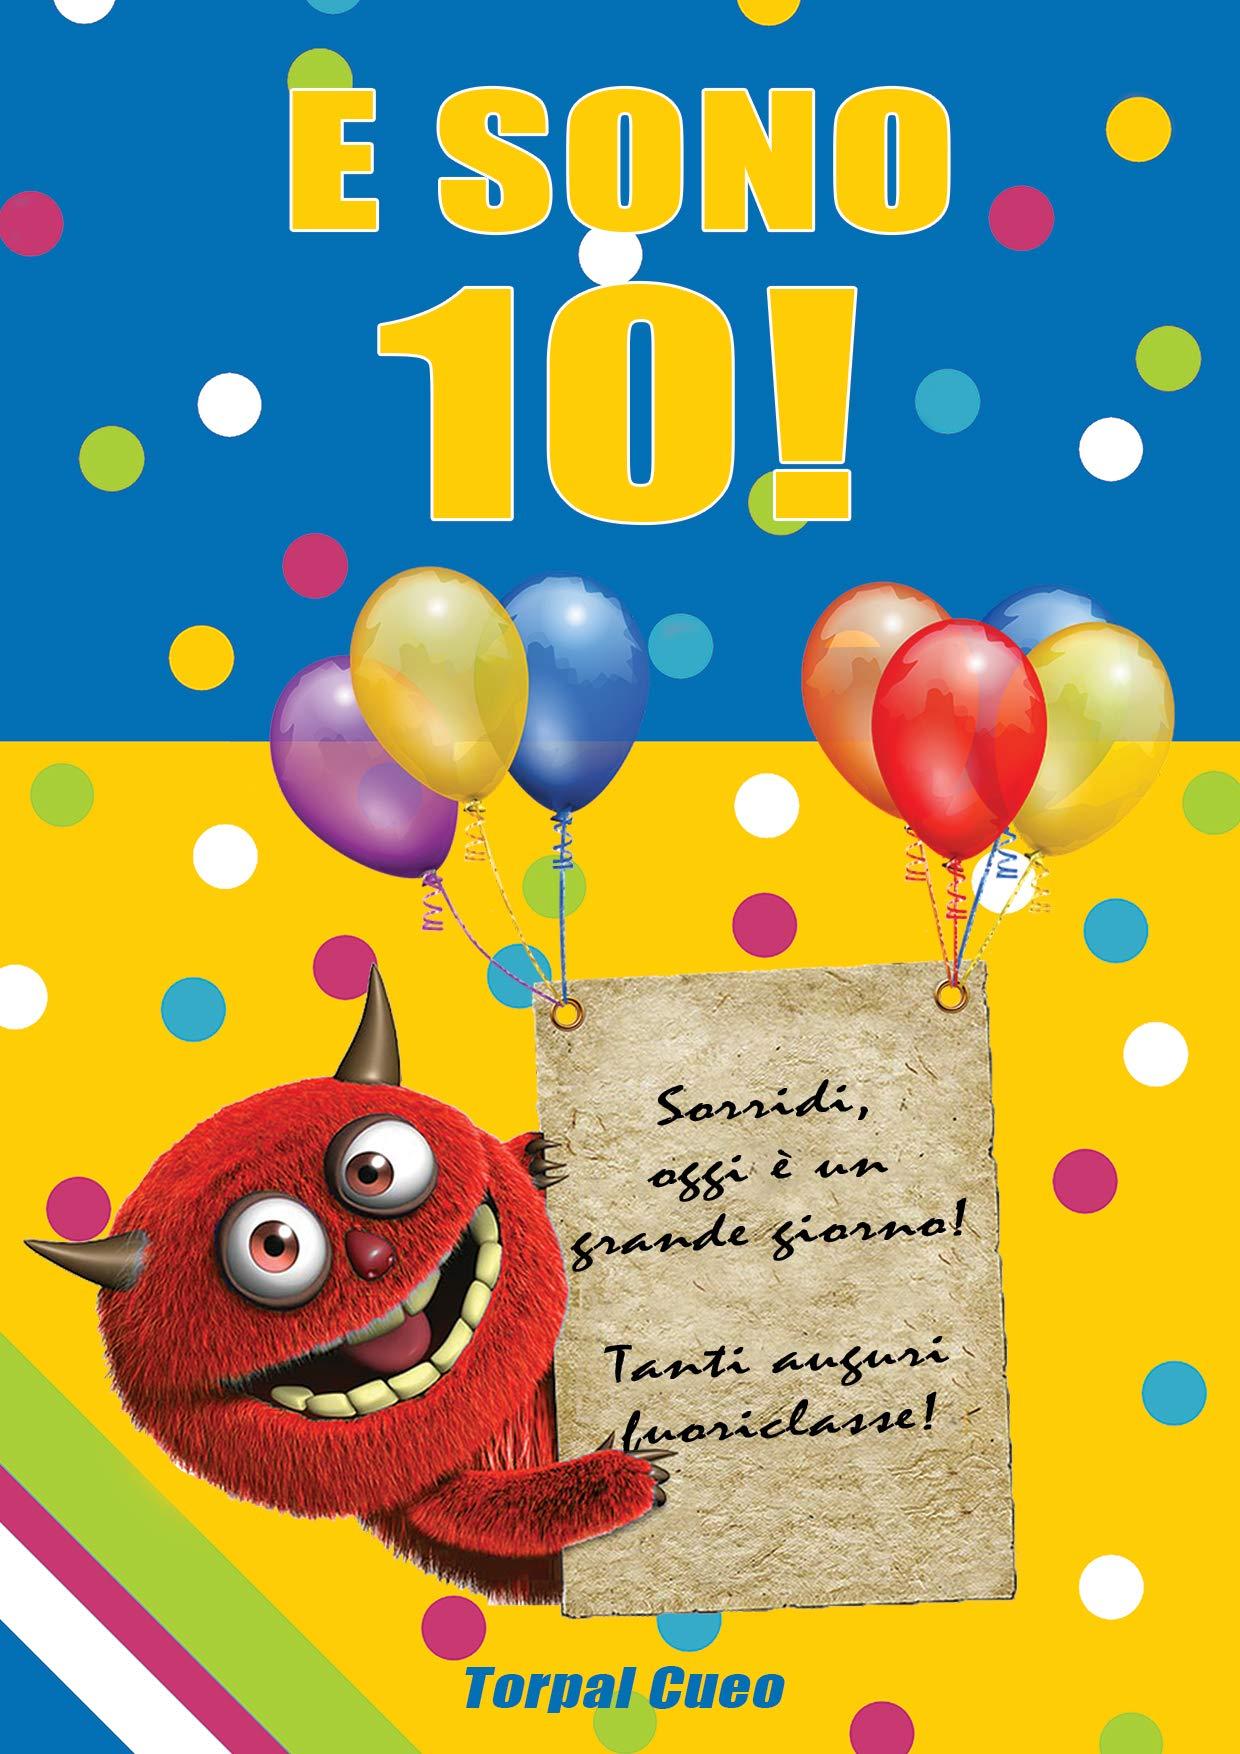 E Sono 10 Un Libro Come Biglietto Di Auguri Per Il Compleanno Puoi Scrivere Dediche Frasi E Utilizzarlo Per Disegnare Idea Regalo Divertente